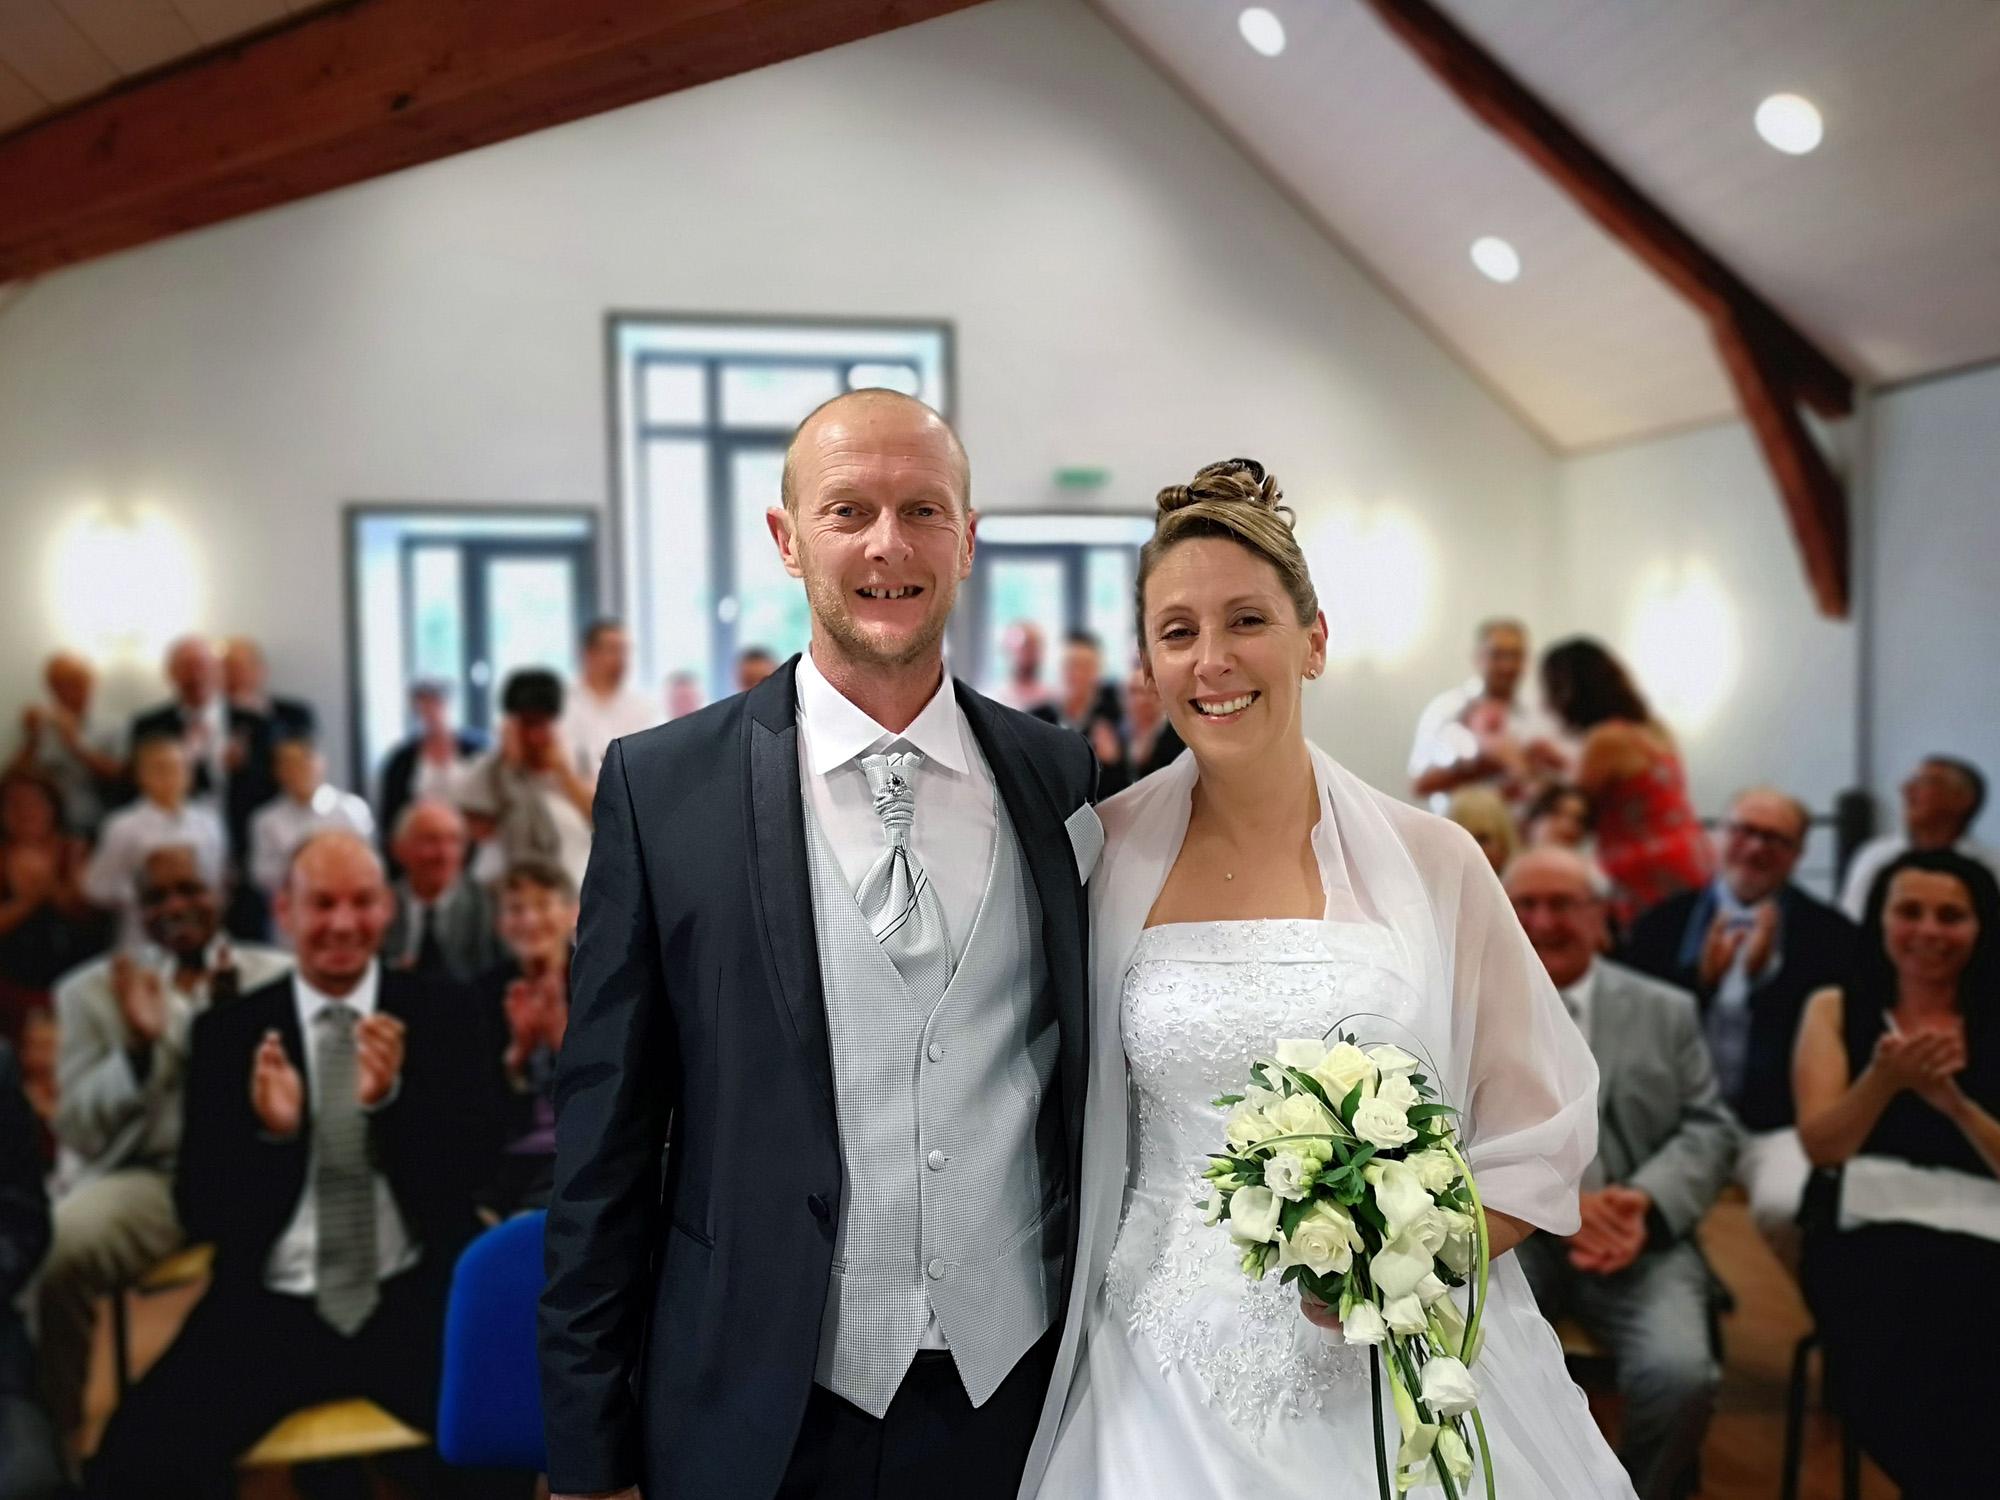 C'est par une journée ensoleillée, le 18 août que Caroline Bataille et Thomas Cette se sont dit oui.